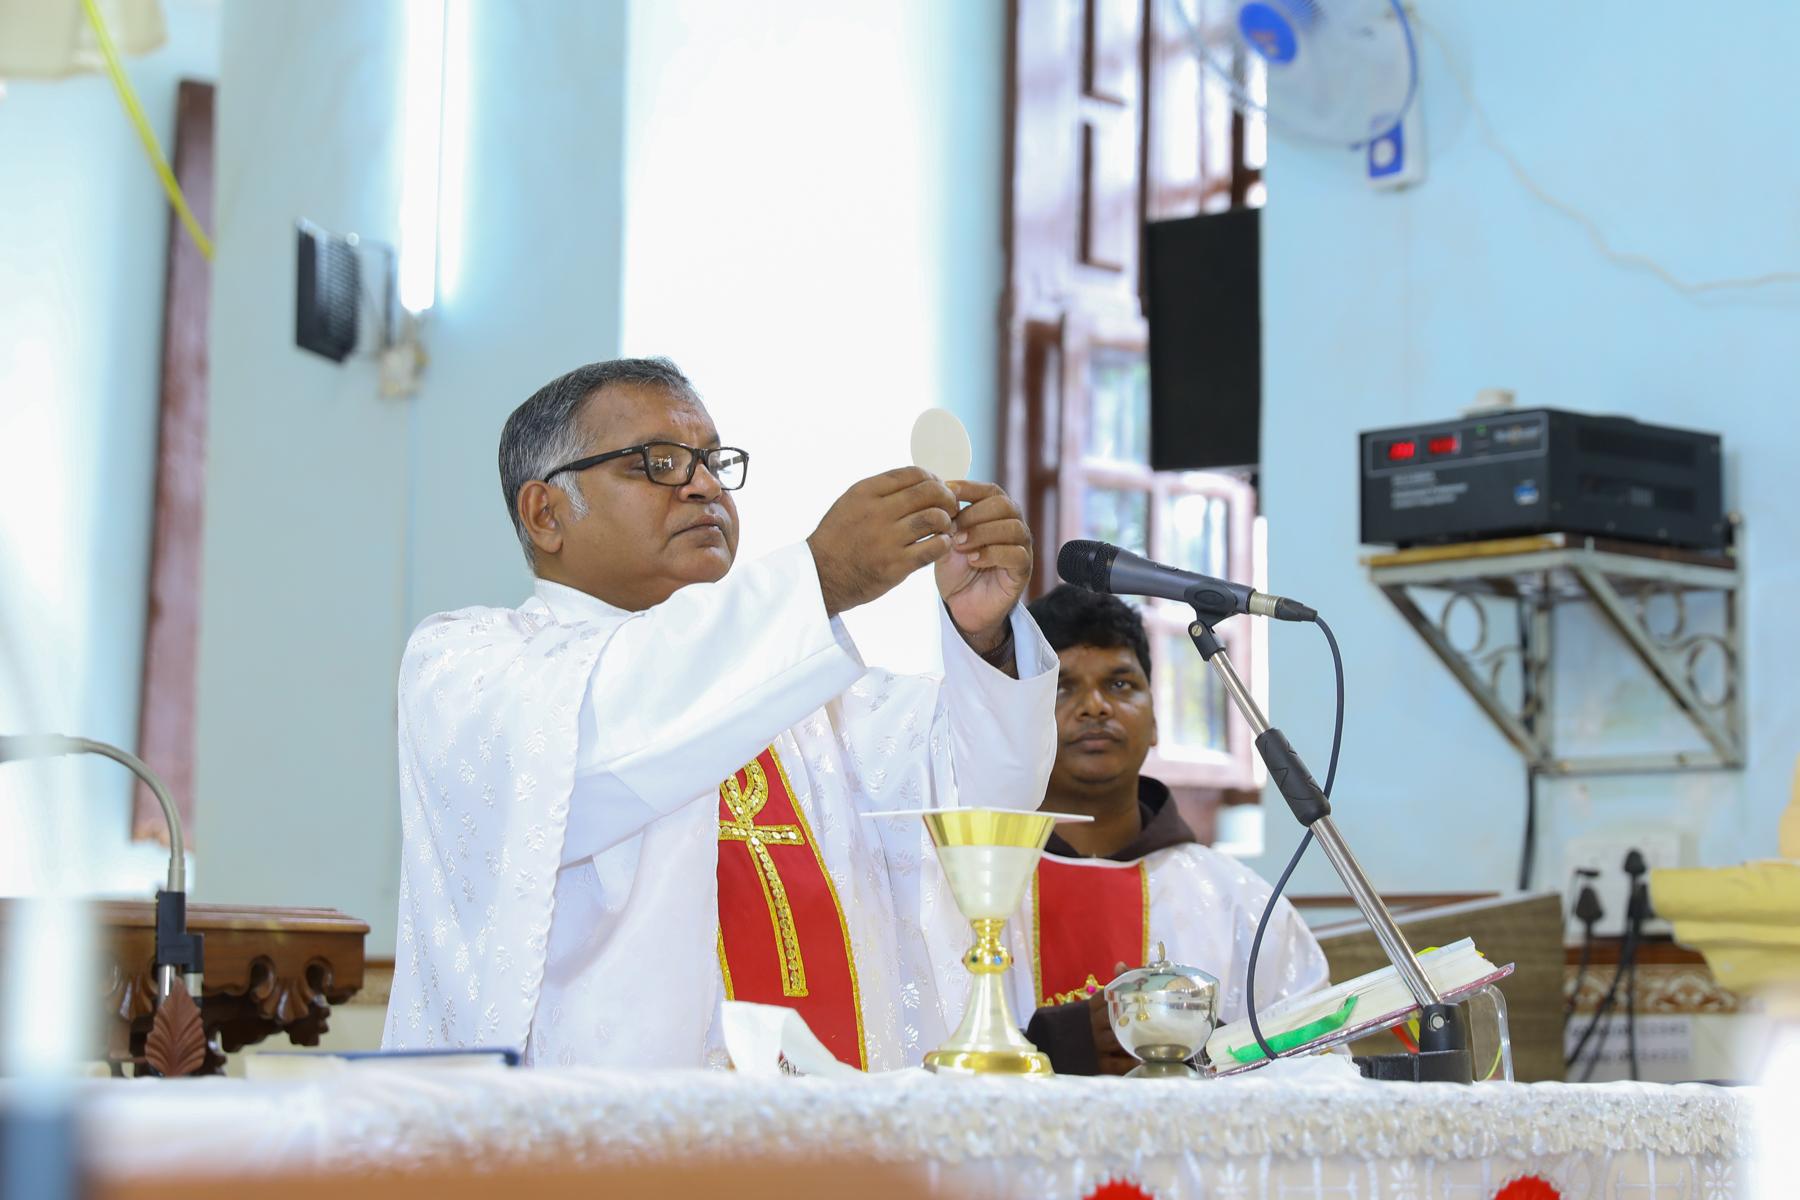 Mass service at St Diogo Church